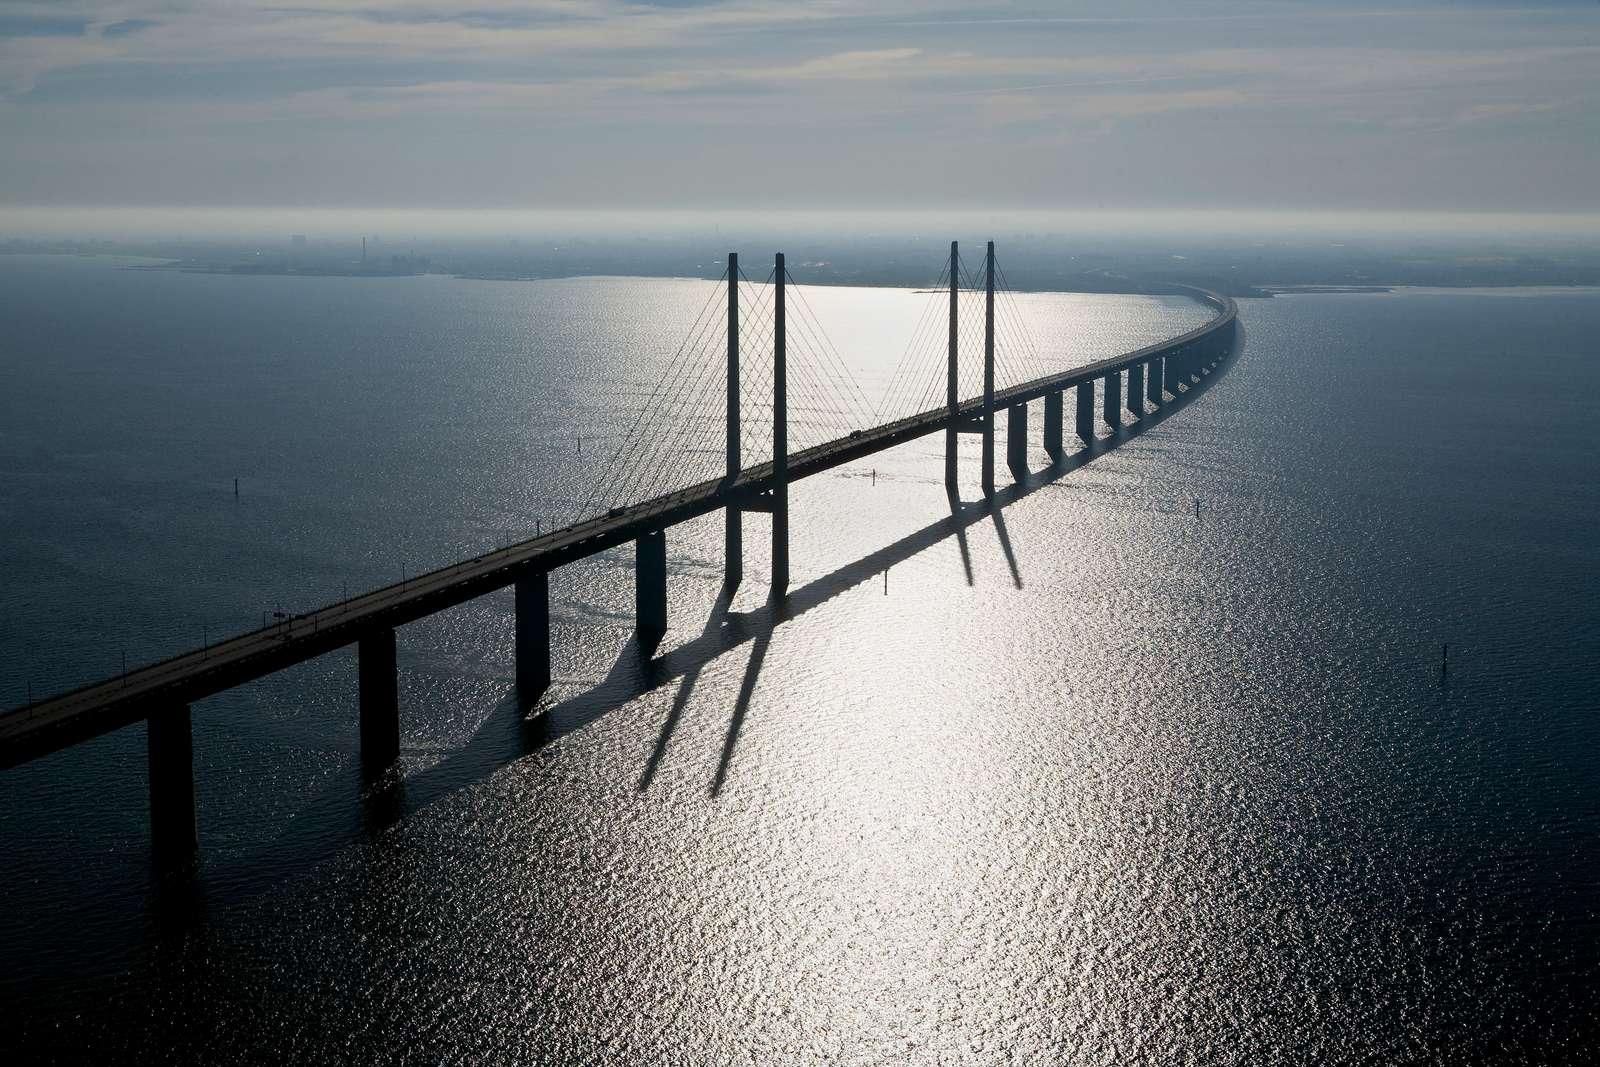 Øresundsbron er den faste forbindelse mellem Danmark og Sverige. Den er 16 kilometer lang og består af en bro, en tunnel og den kunstige ø Peberholm. Arkivpressefoto fra Øresundsbron: Drago Prvulovic.